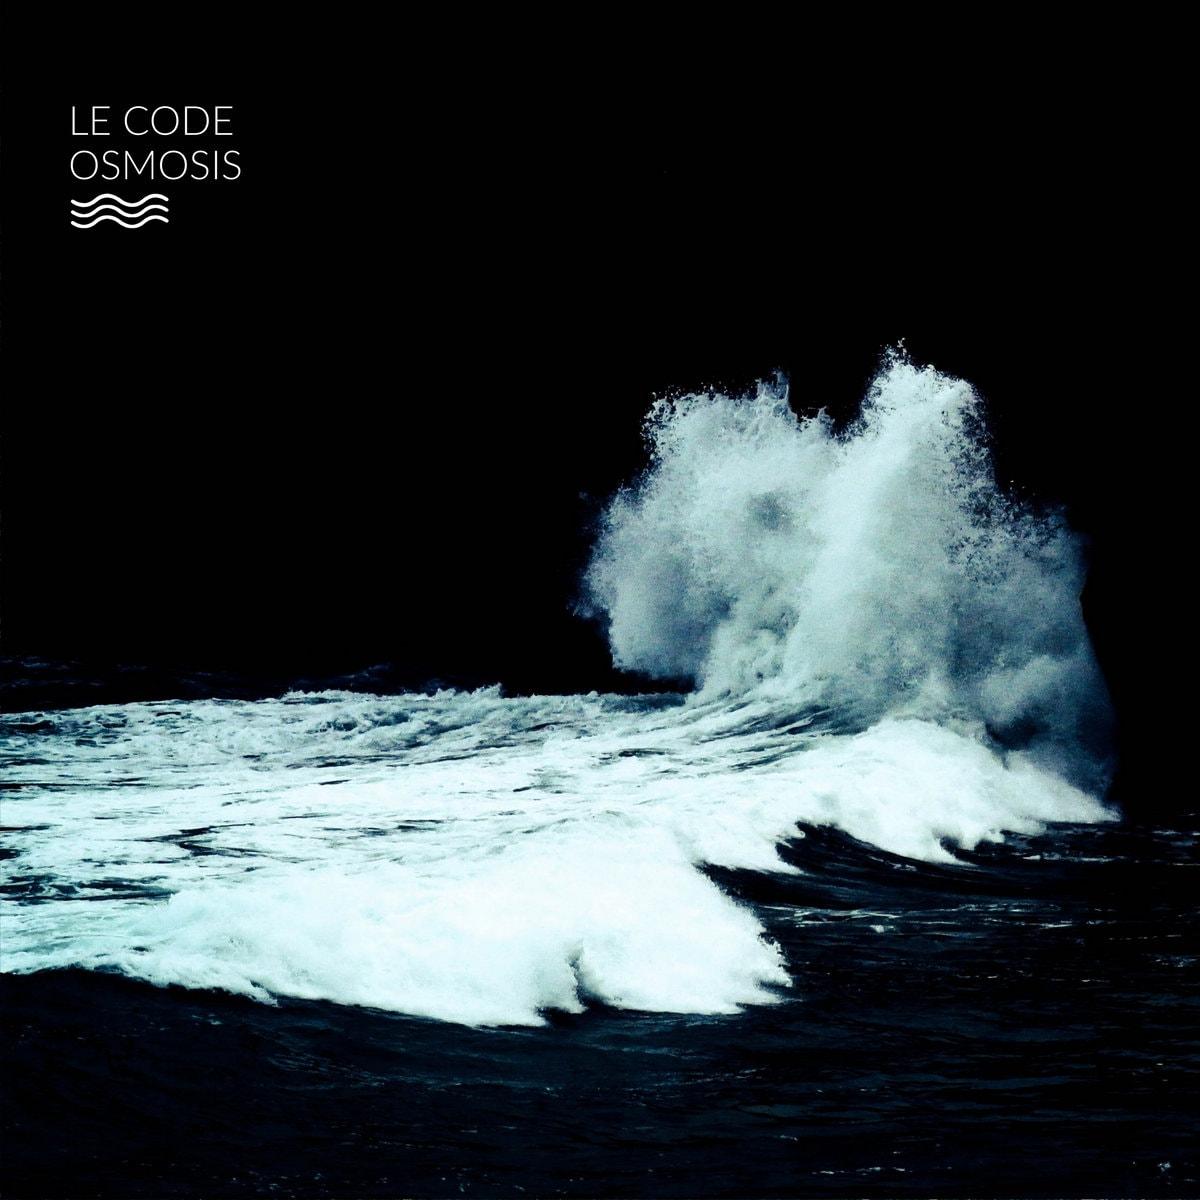 Le Code radiate